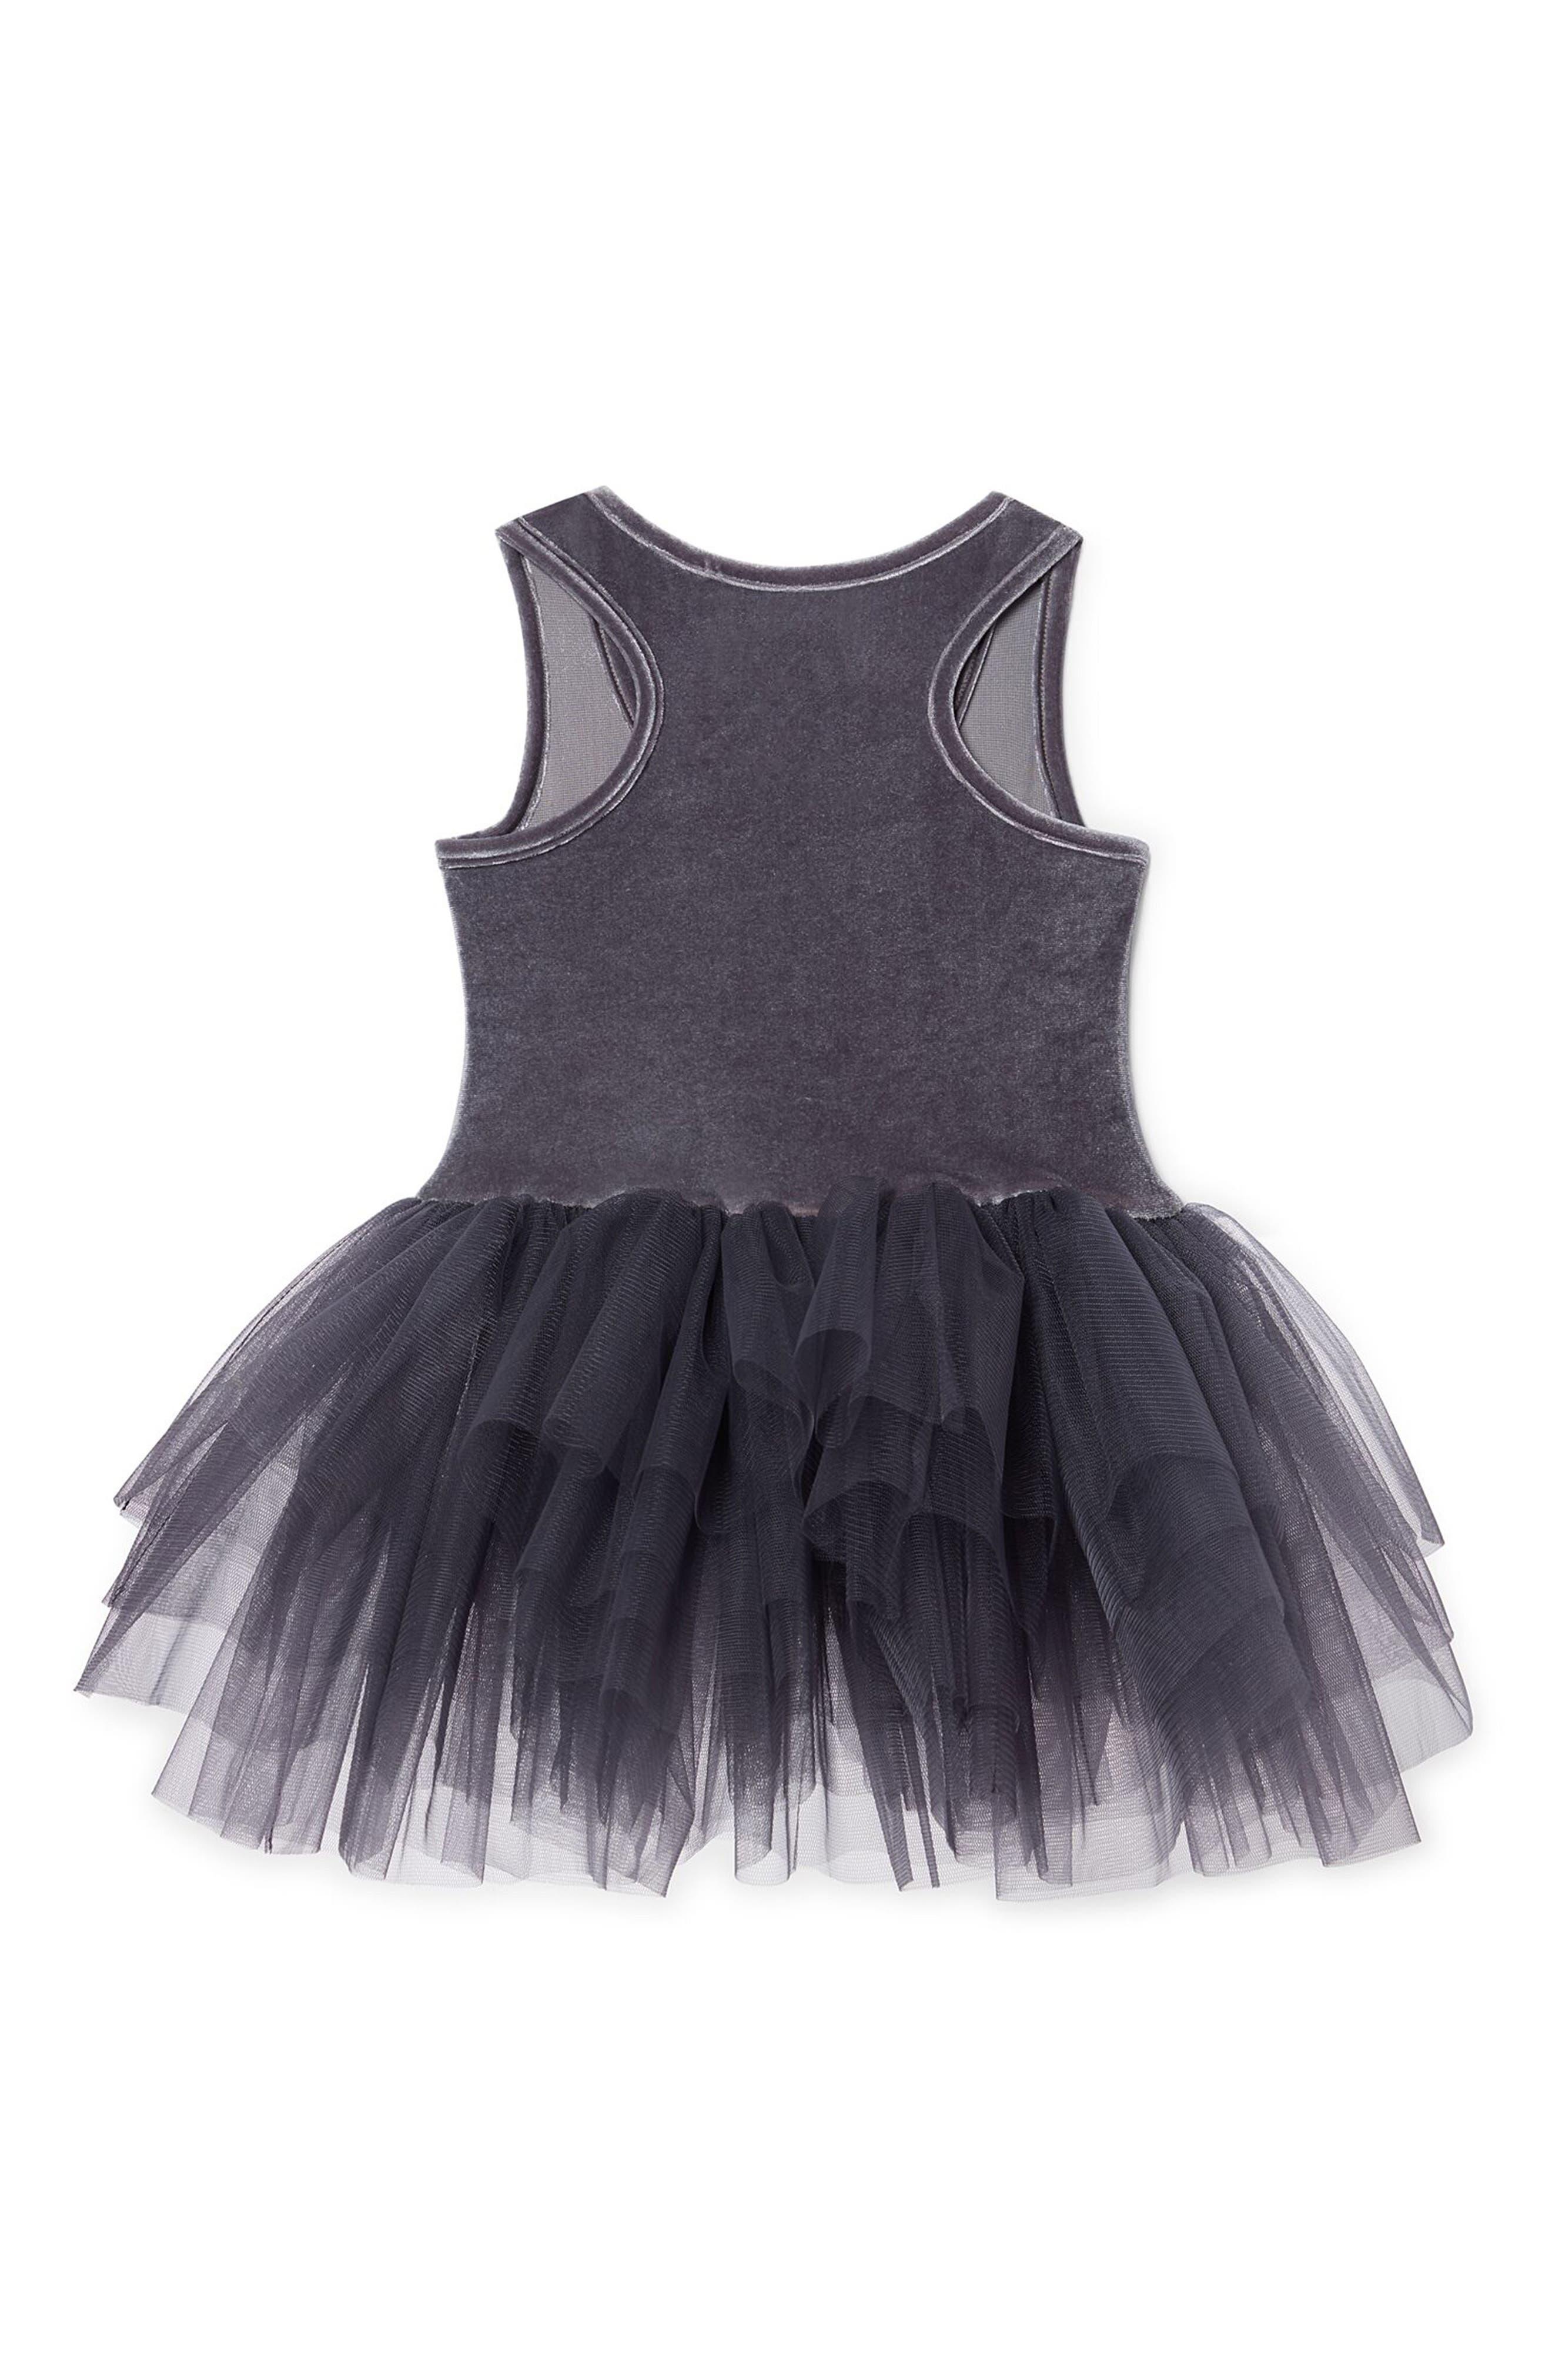 Velvet & Tulle Tutu Dress,                             Alternate thumbnail 2, color,                             Grey